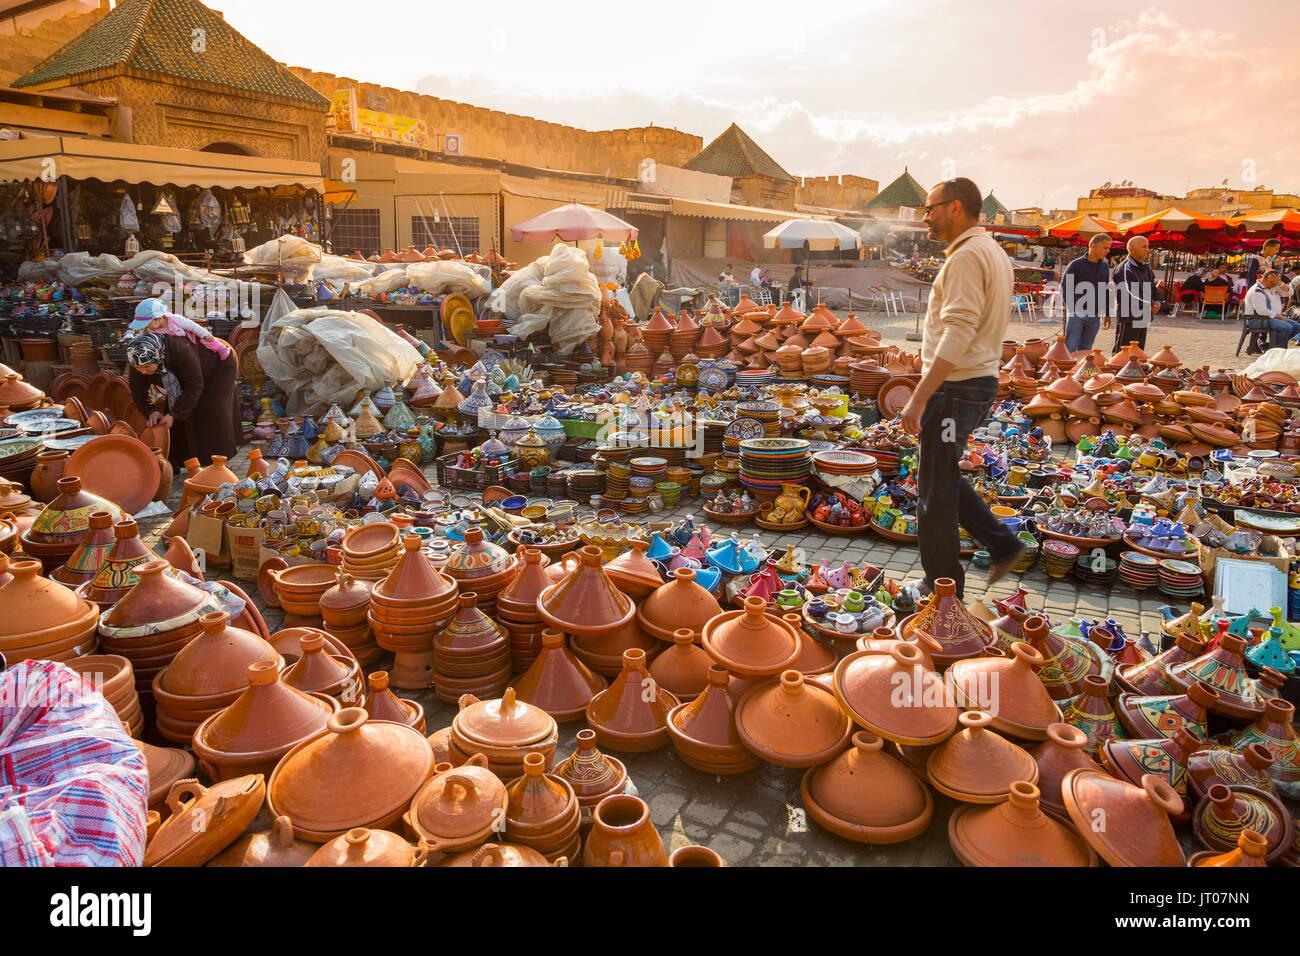 Los tajines, platos de cerámica, la ciudad imperial de Meknes, Marruecos, Magreb, África del Norte Imagen De Stock